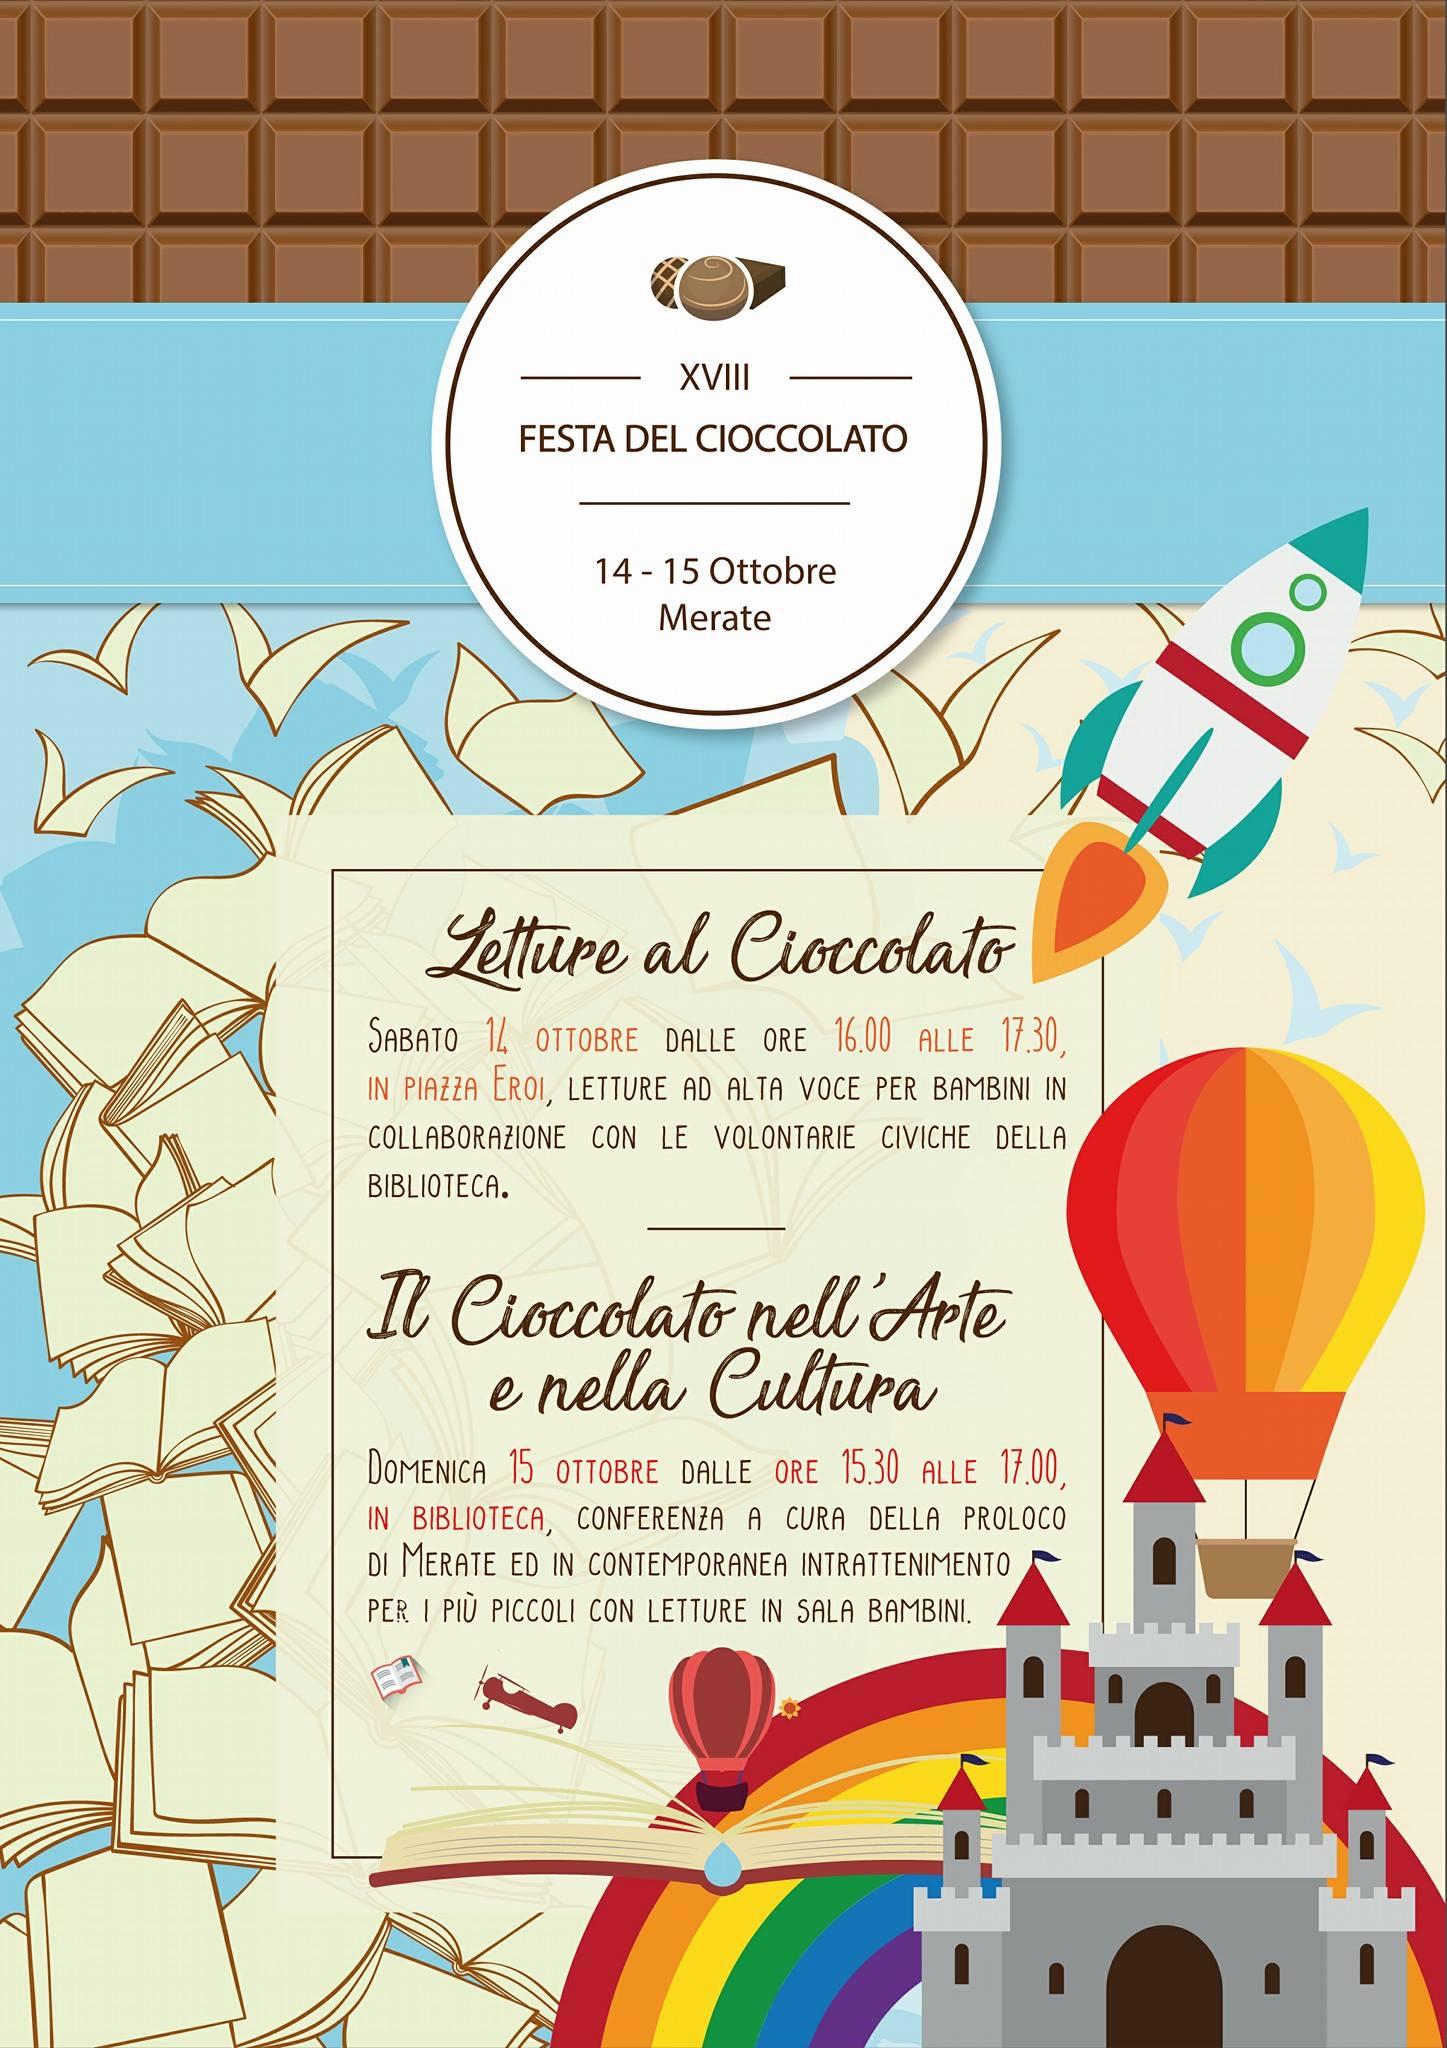 festa-del-cioccolato-merate-letture-bambini